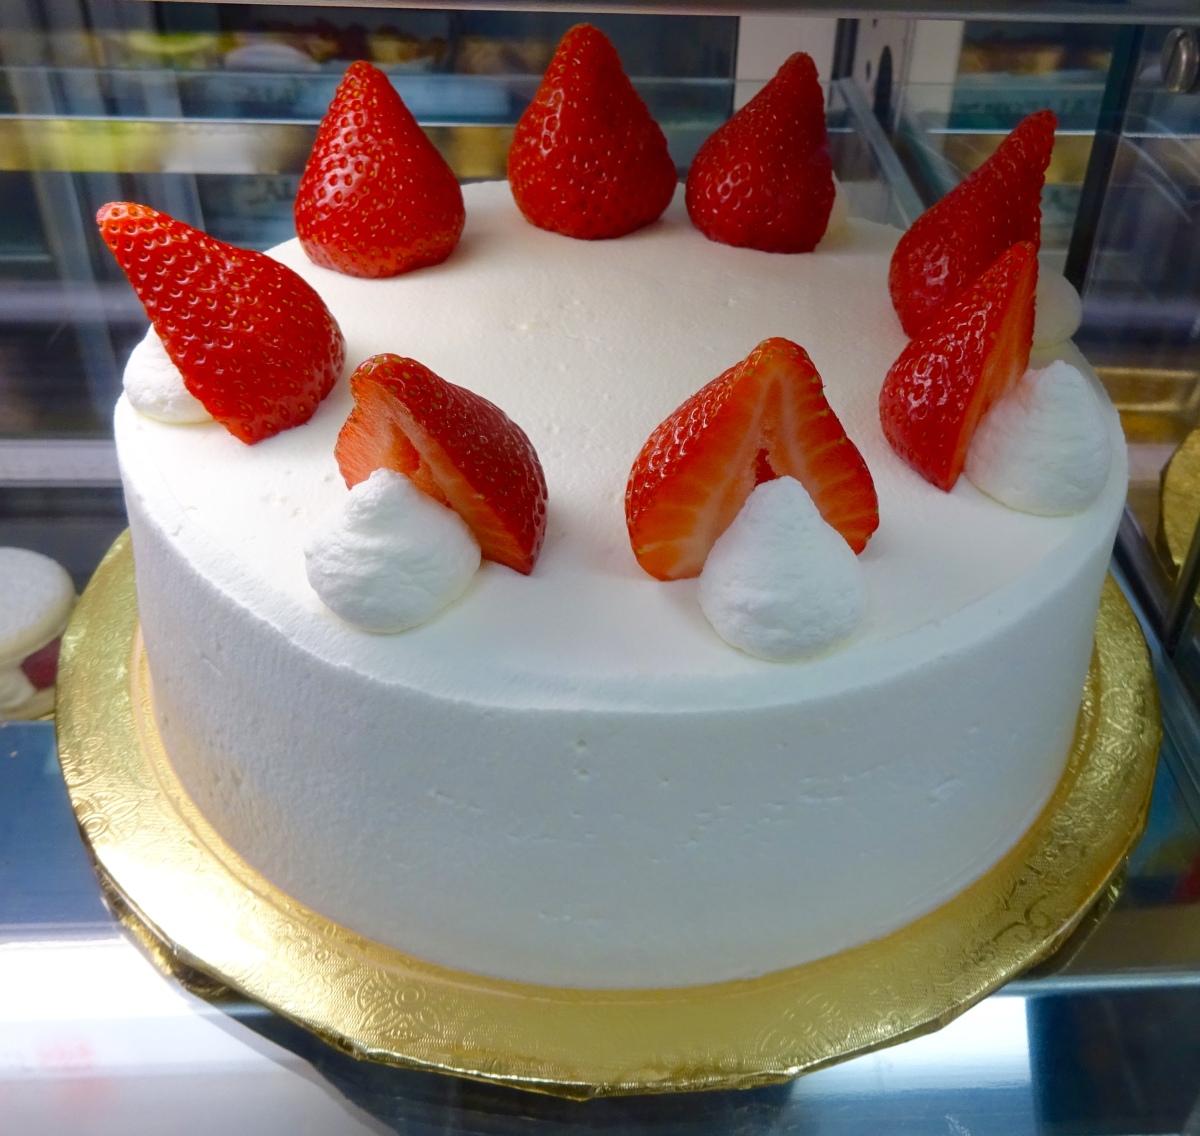 Japanese Strawberry Shortcake Cake Los Angeles